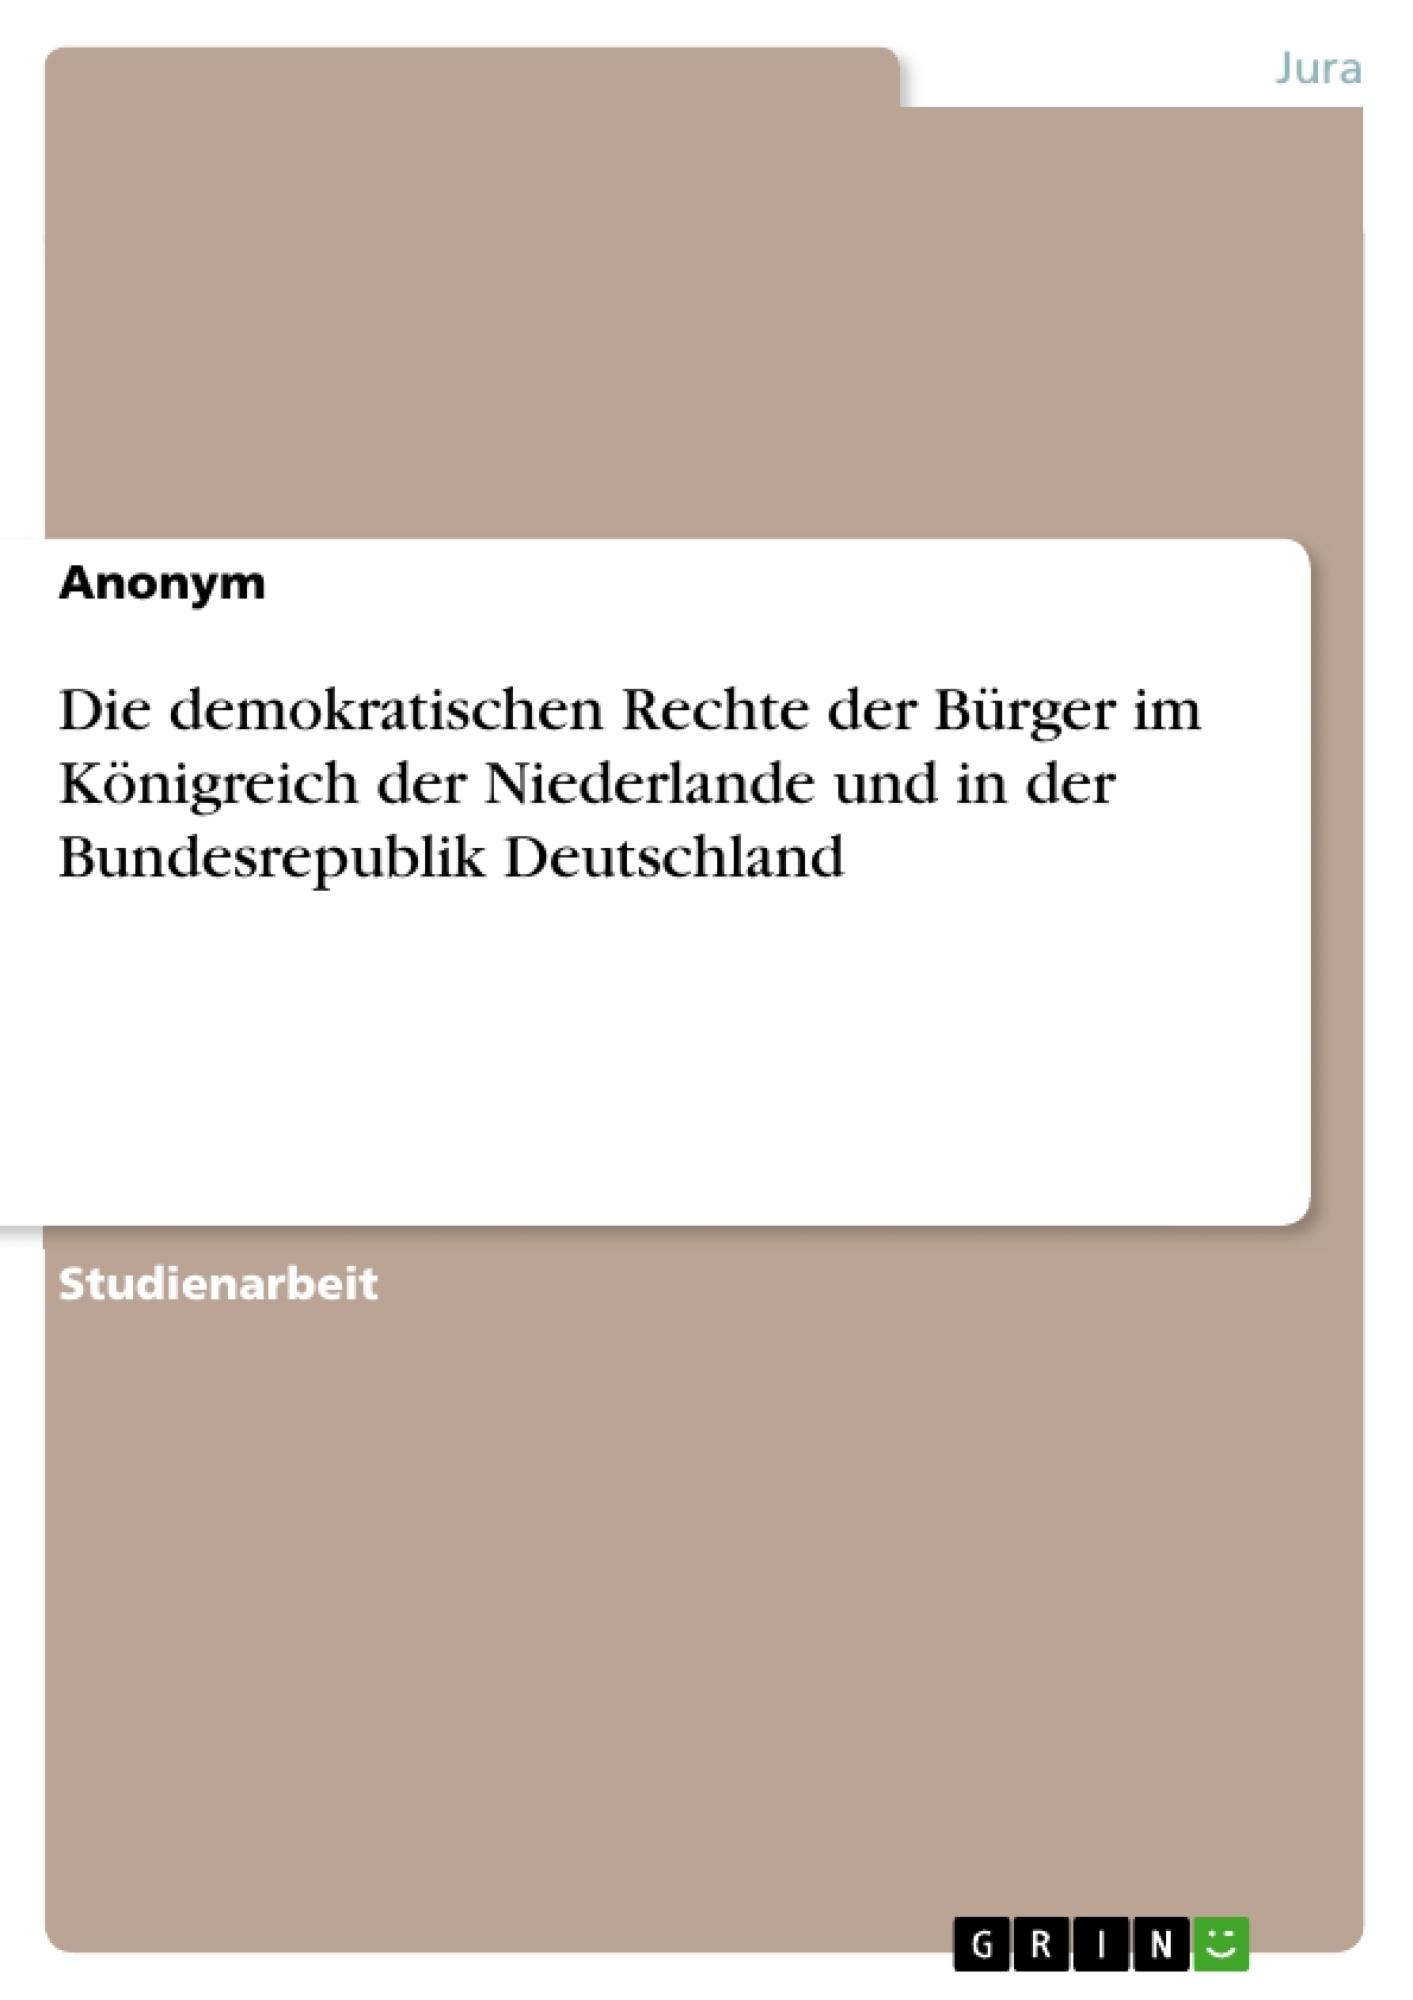 Titel: Die demokratischen Rechte der Bürger im Königreich der Niederlande und in der Bundesrepublik Deutschland